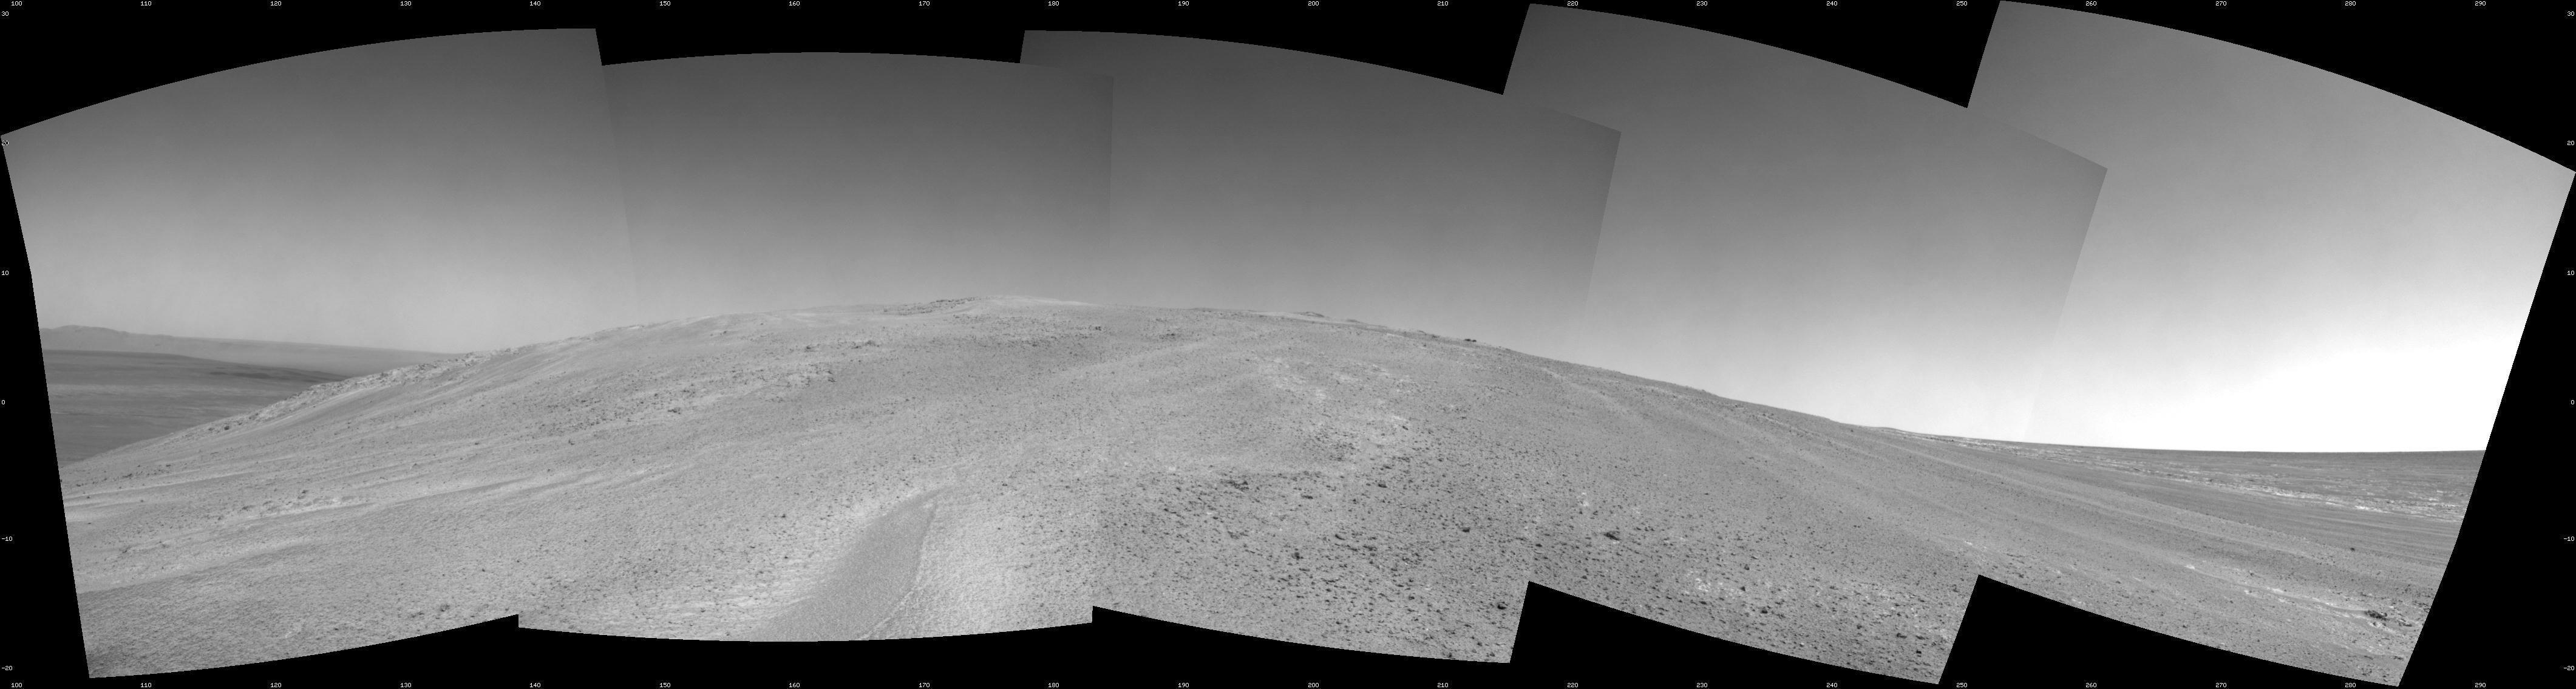 Mars Rover Opportunity Begins Climbing Martian Hill